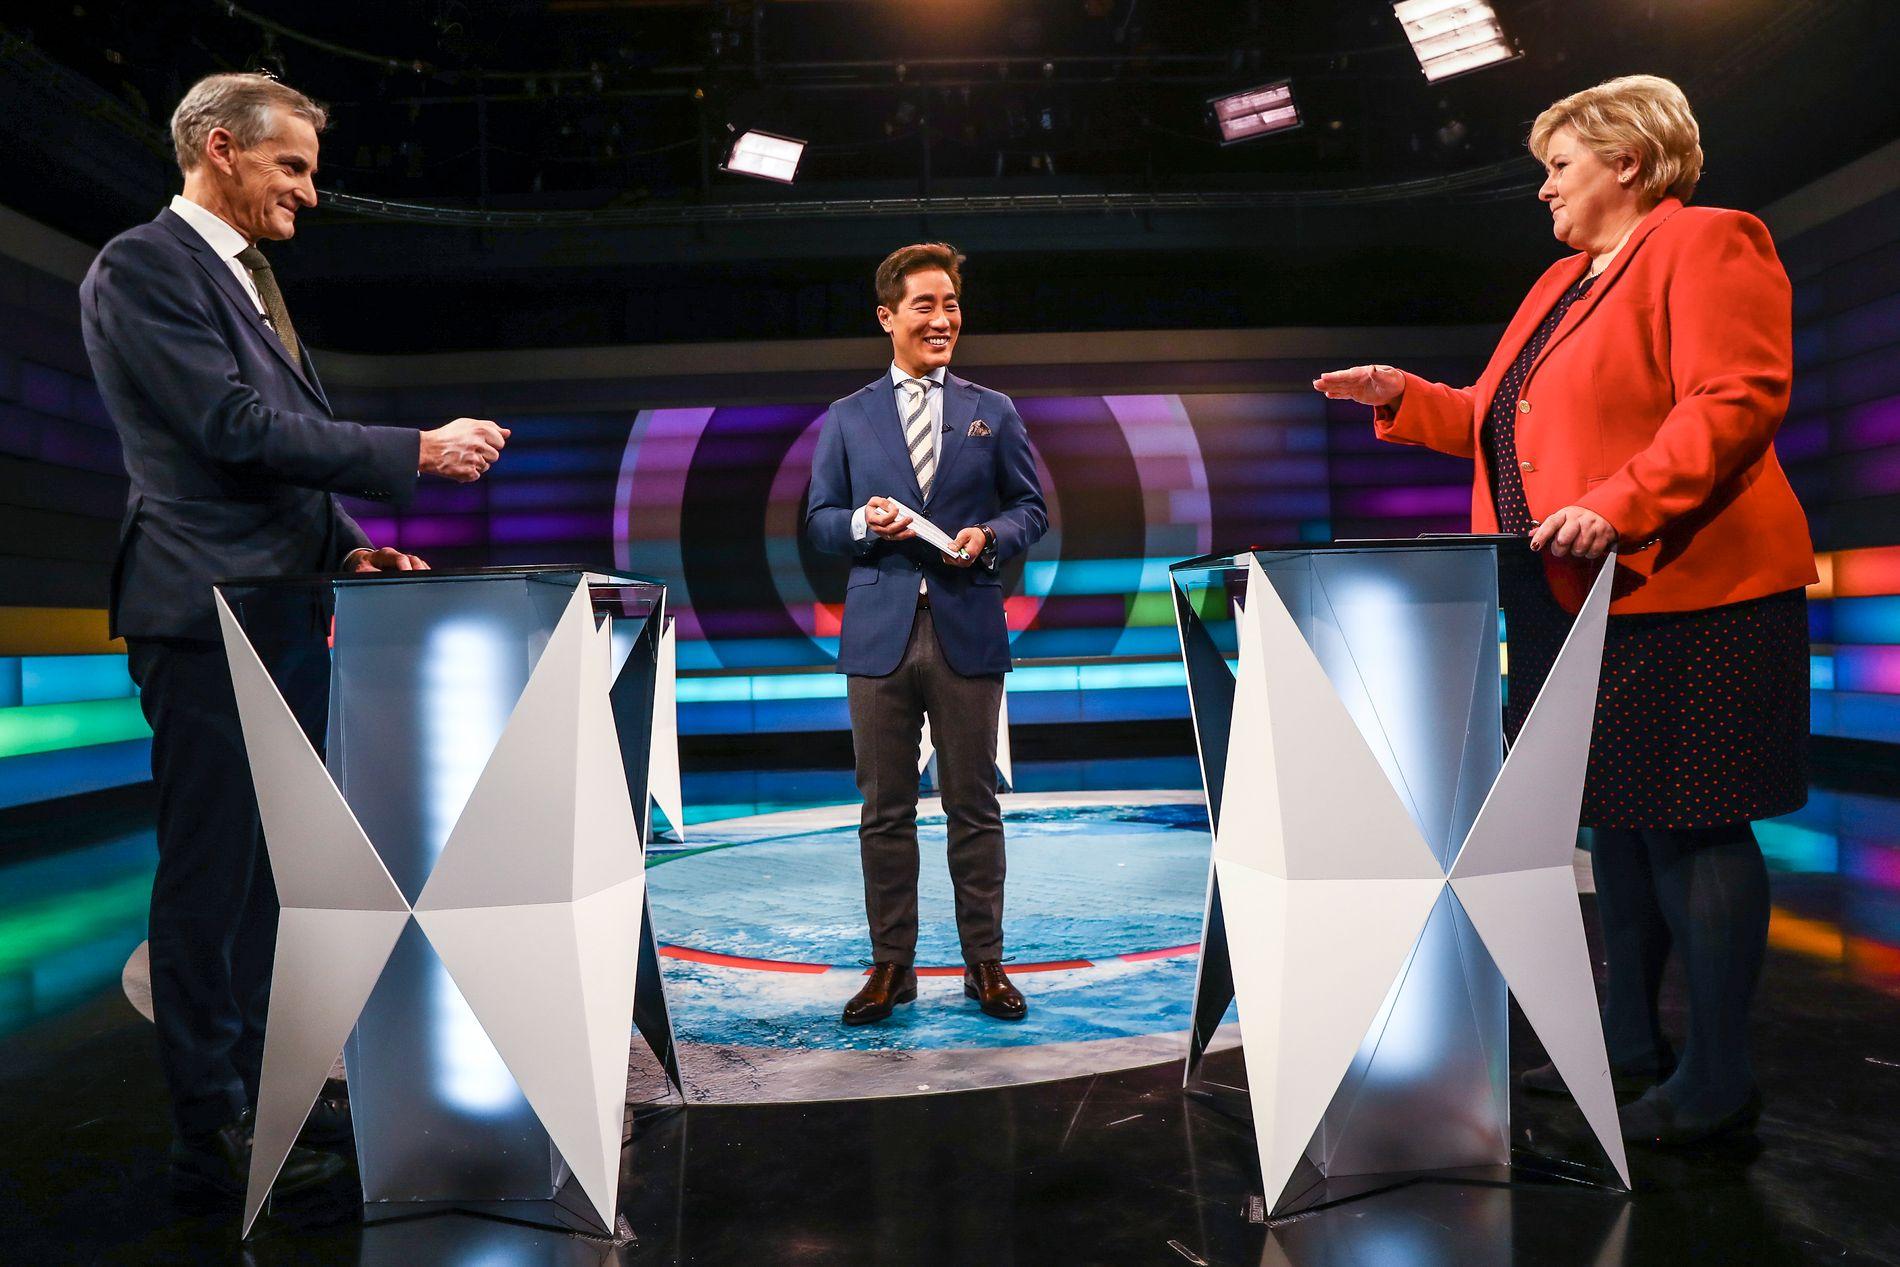 DEBATTERTE: Torsdag kveld var det duket for NRK-debatt mellom Jonas Gahr Støre og Erna Solberg i forkant av KrFs ekstraordinære landsmøte fredag.